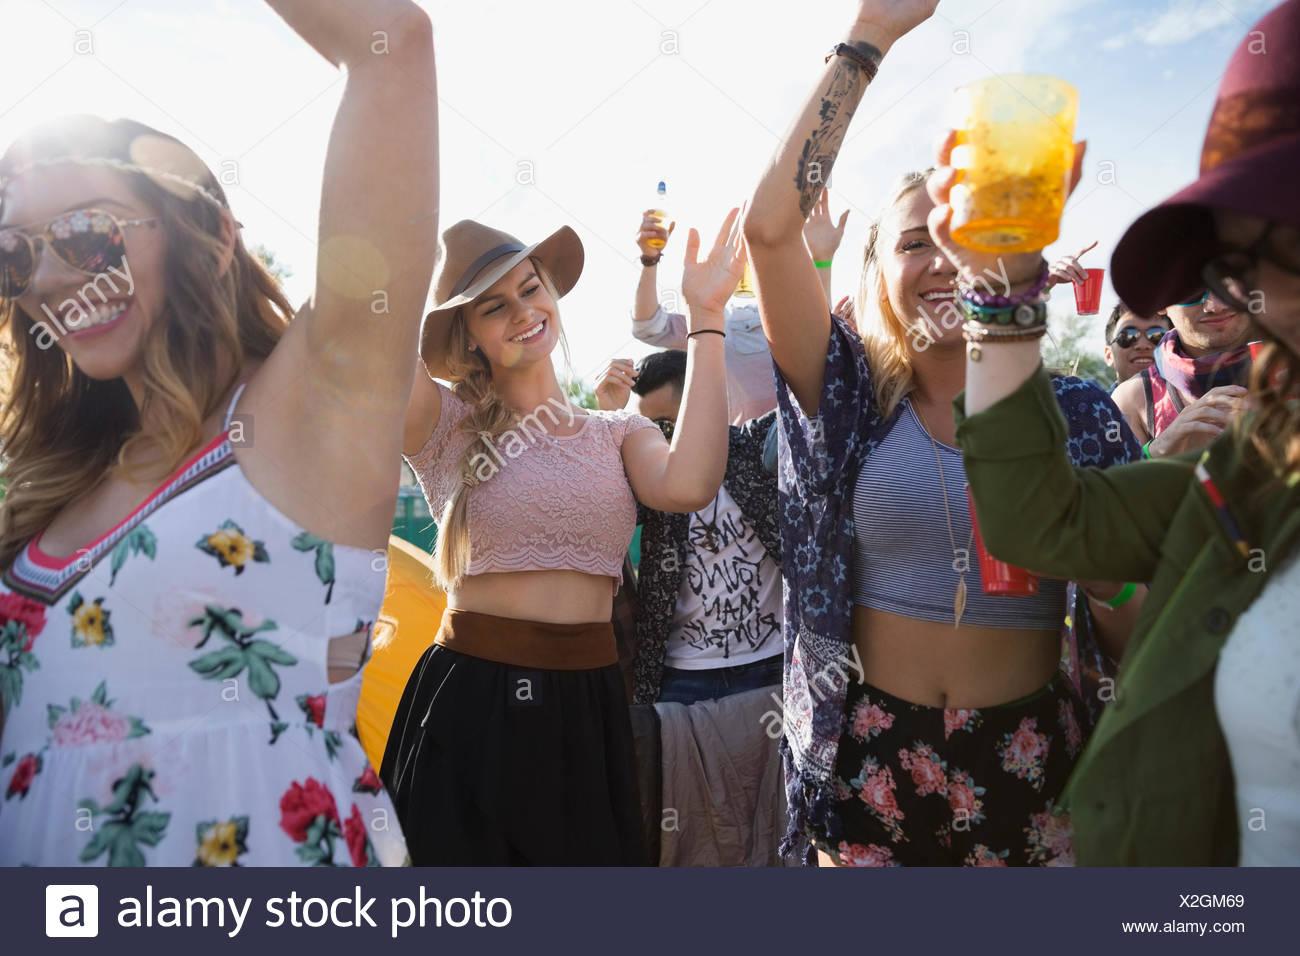 Multitud de jóvenes bailando en el festival de música de verano Imagen De Stock